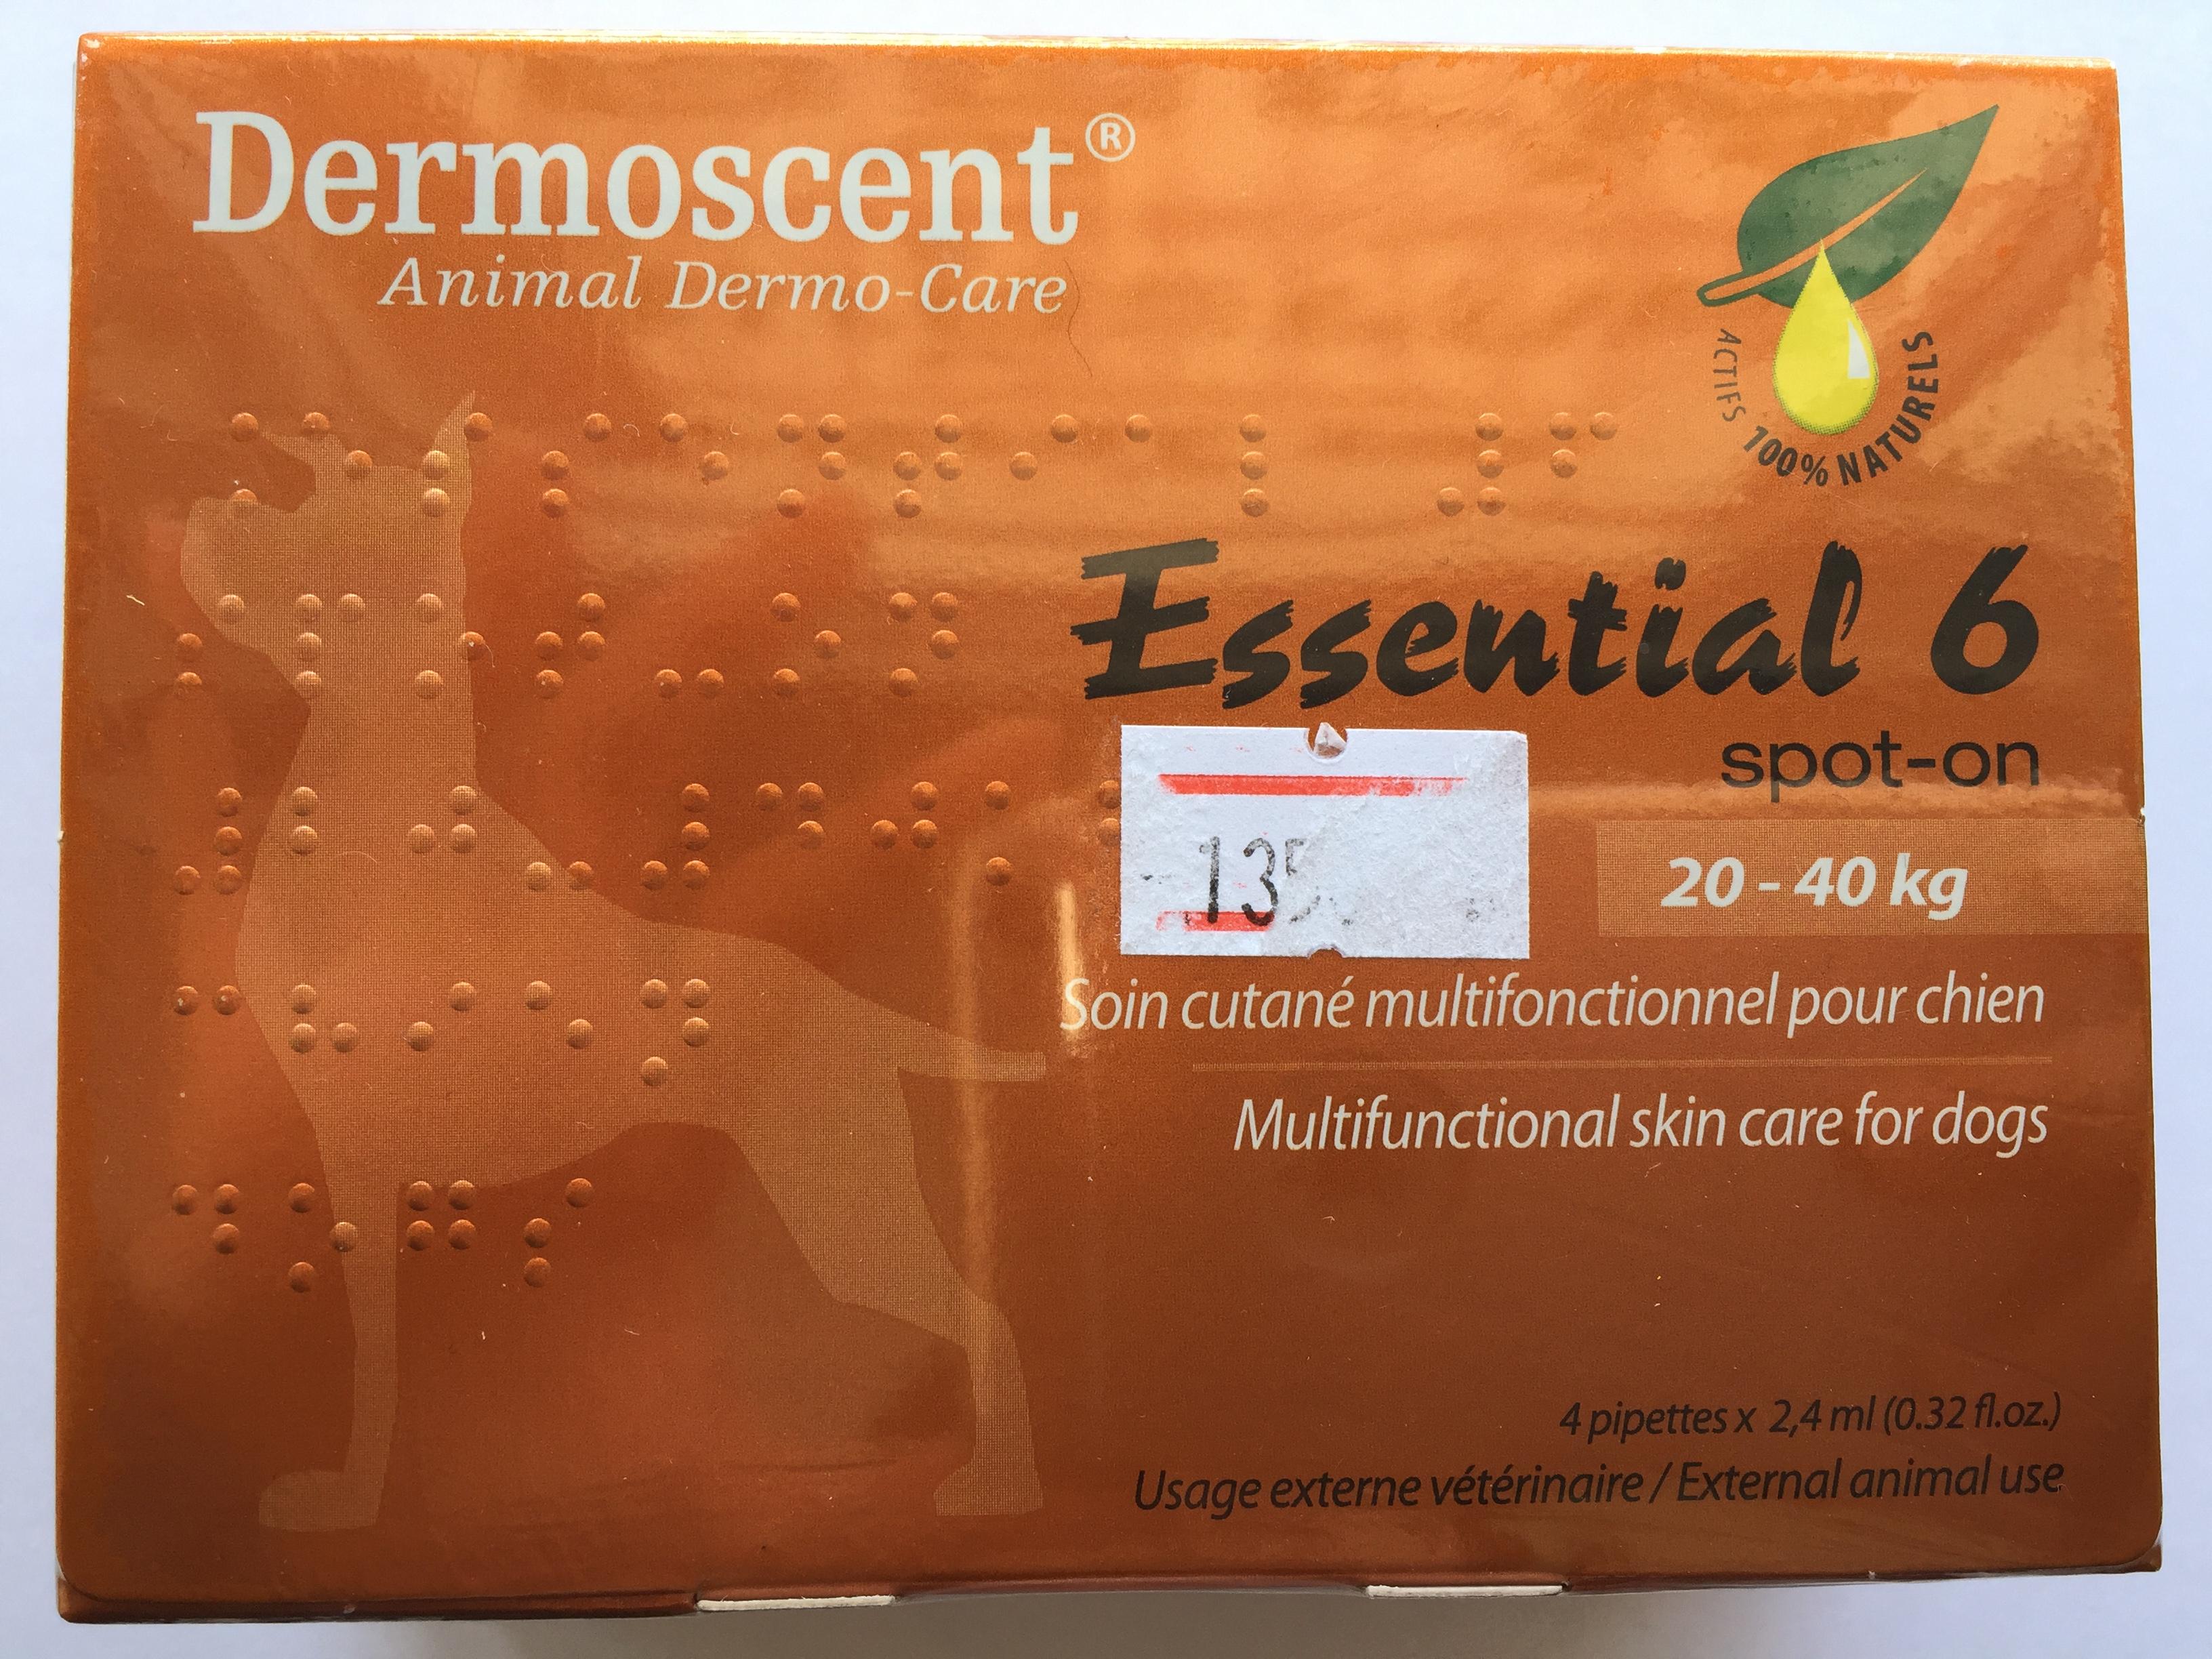 Dermoscent Essential 6 สำหรับสุนัข น้ำหนัก 20-40 kg.Exp.02/19